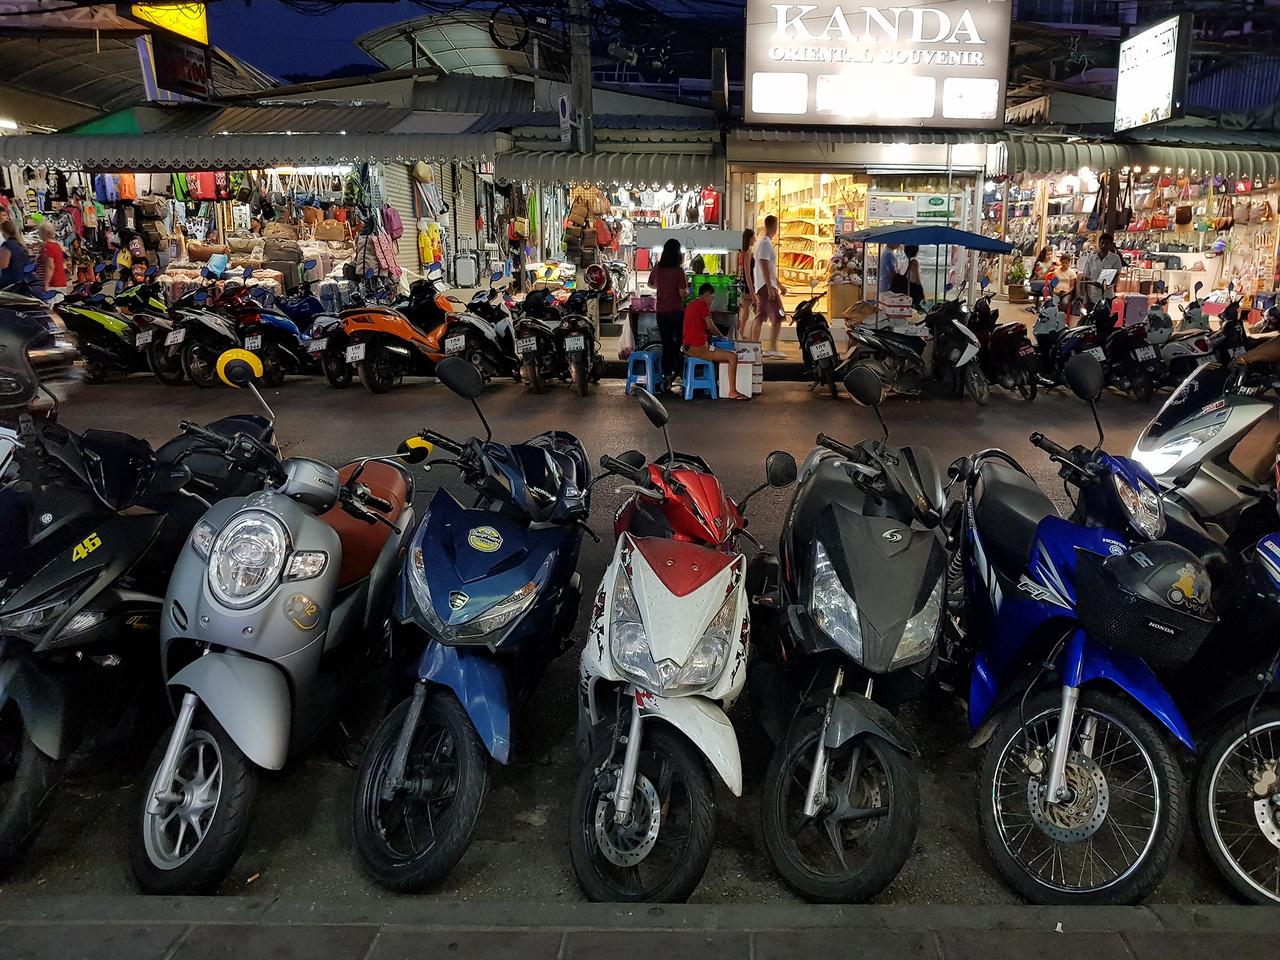 Thaiföld a maga közel hetvenmilliós népességével, mesés természeti csodáival a világ turizmusában kiemelkedő szerepet játszik. A közlekedés az Ázsiában megszokott kissé kaotikus módon, ráadásul a bal oldalon zajlik, főszerepben a robogókkal. Bár nincs annyi belőlük, mint Vietnámban, ahol kb. negyvenmillió(!) motorkerékpárt tartanak nyilván, itt is a legfontosabb közlekedési eszköz egész családok számára. Az elmúlt években folyamatosan 1,6-2 millió db között mozog az értékesített új robogók száma, ehhez képest 7-800 ezer új autó talál gazdára